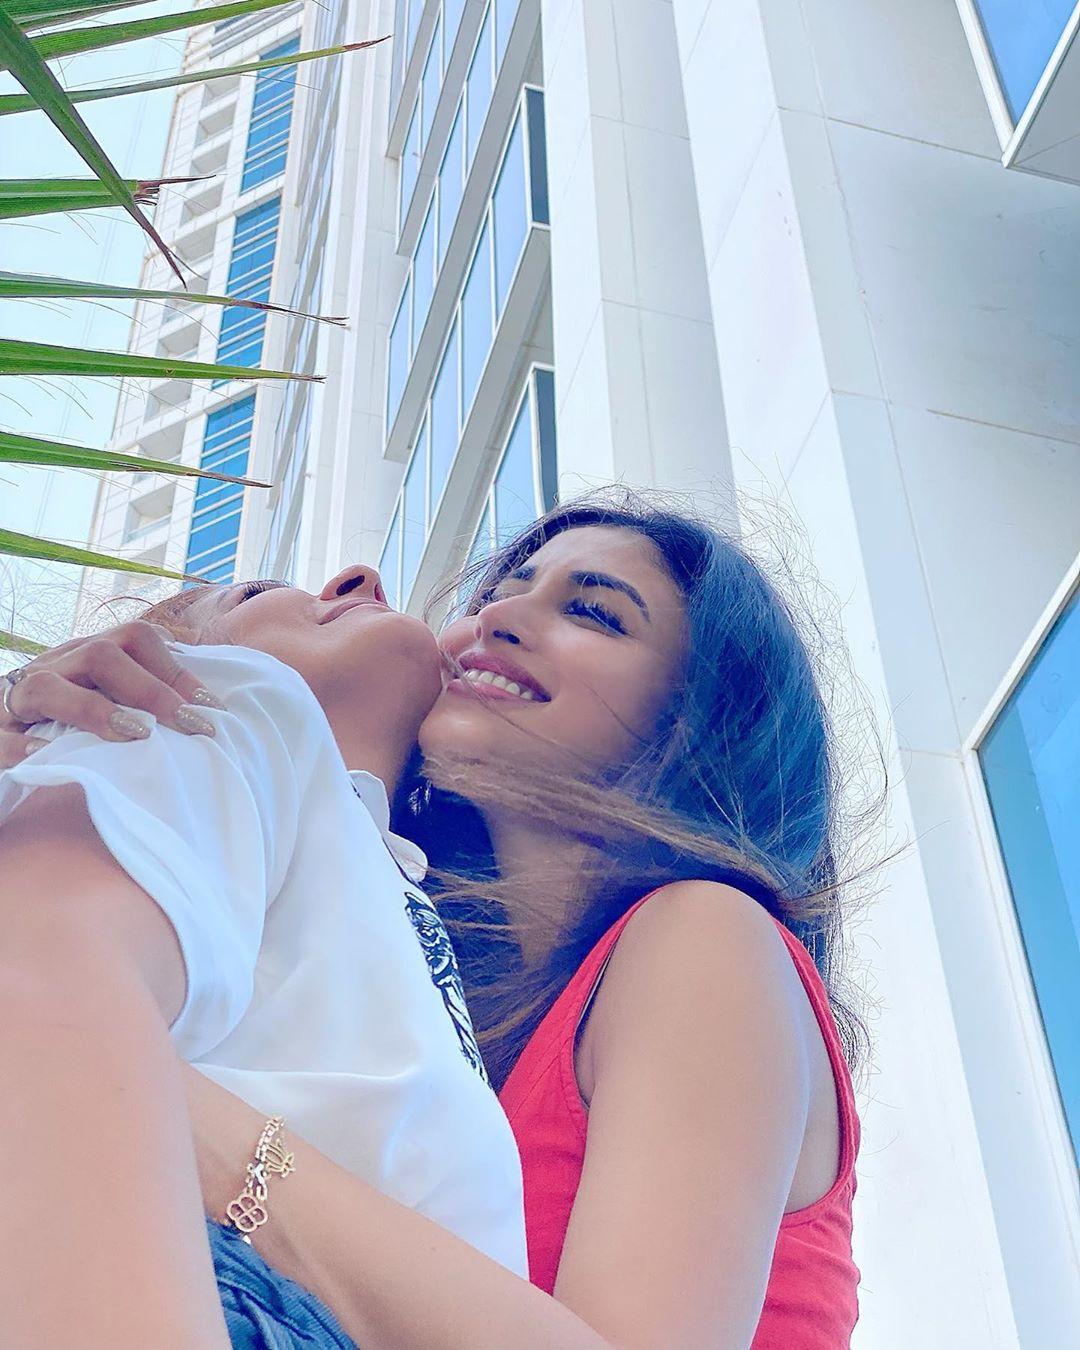 నటి మౌని రాయ్ లేటెస్ట్ పిక్స్ (Instagram/Photo)